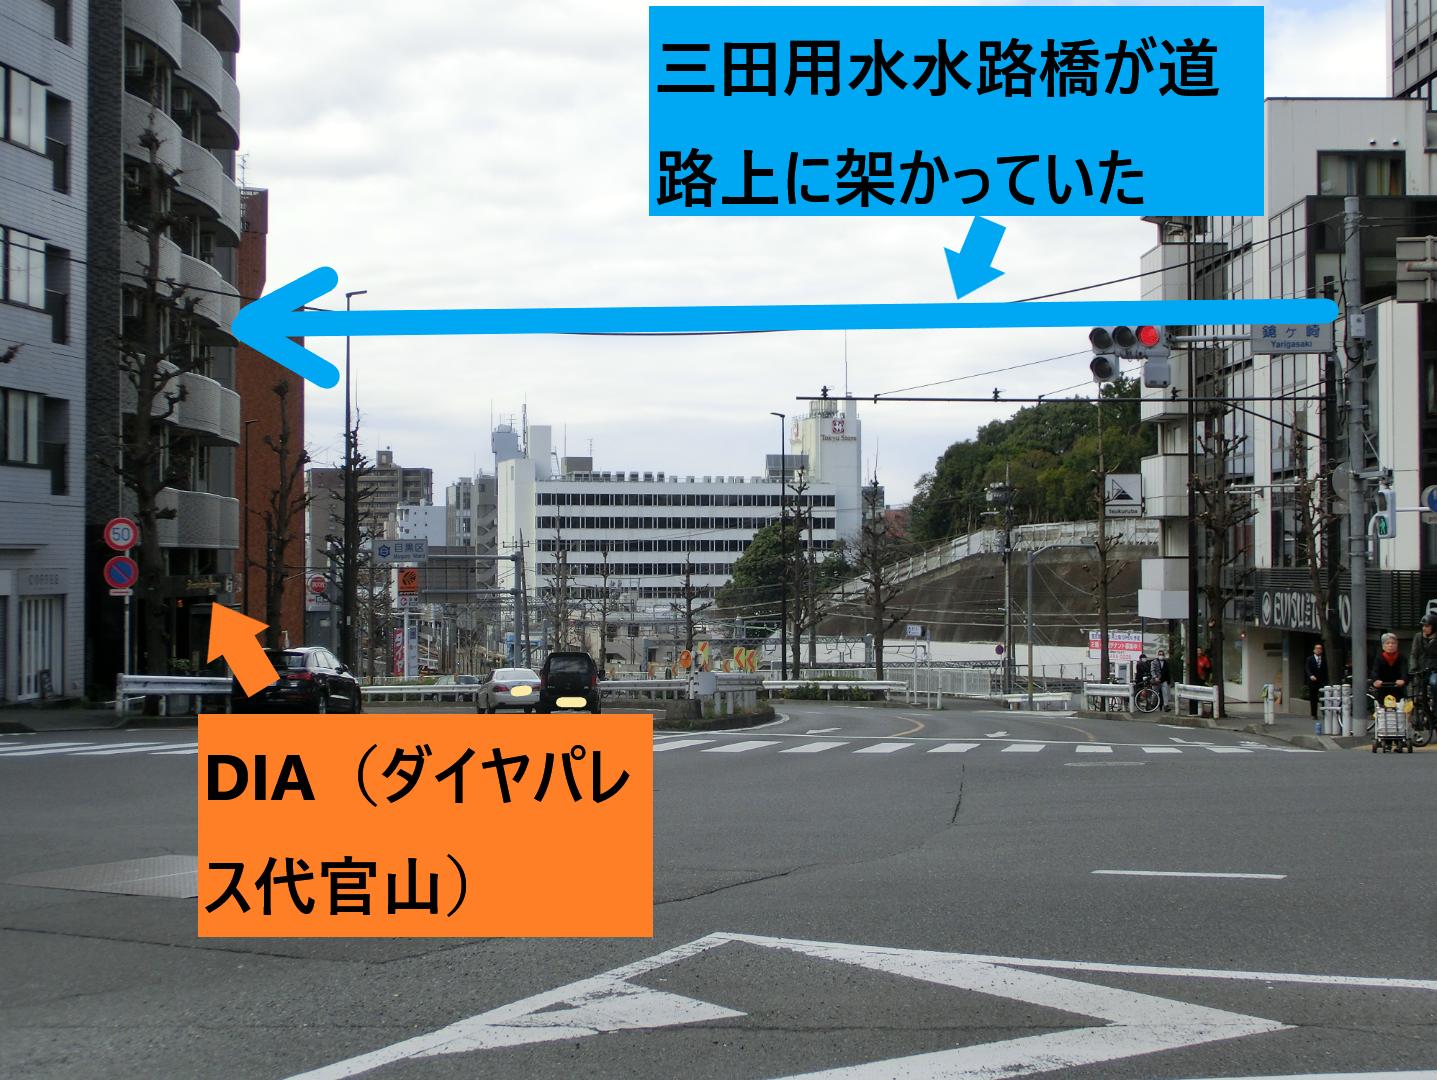 鎗ヶ崎交差点 三田用水跡散策6